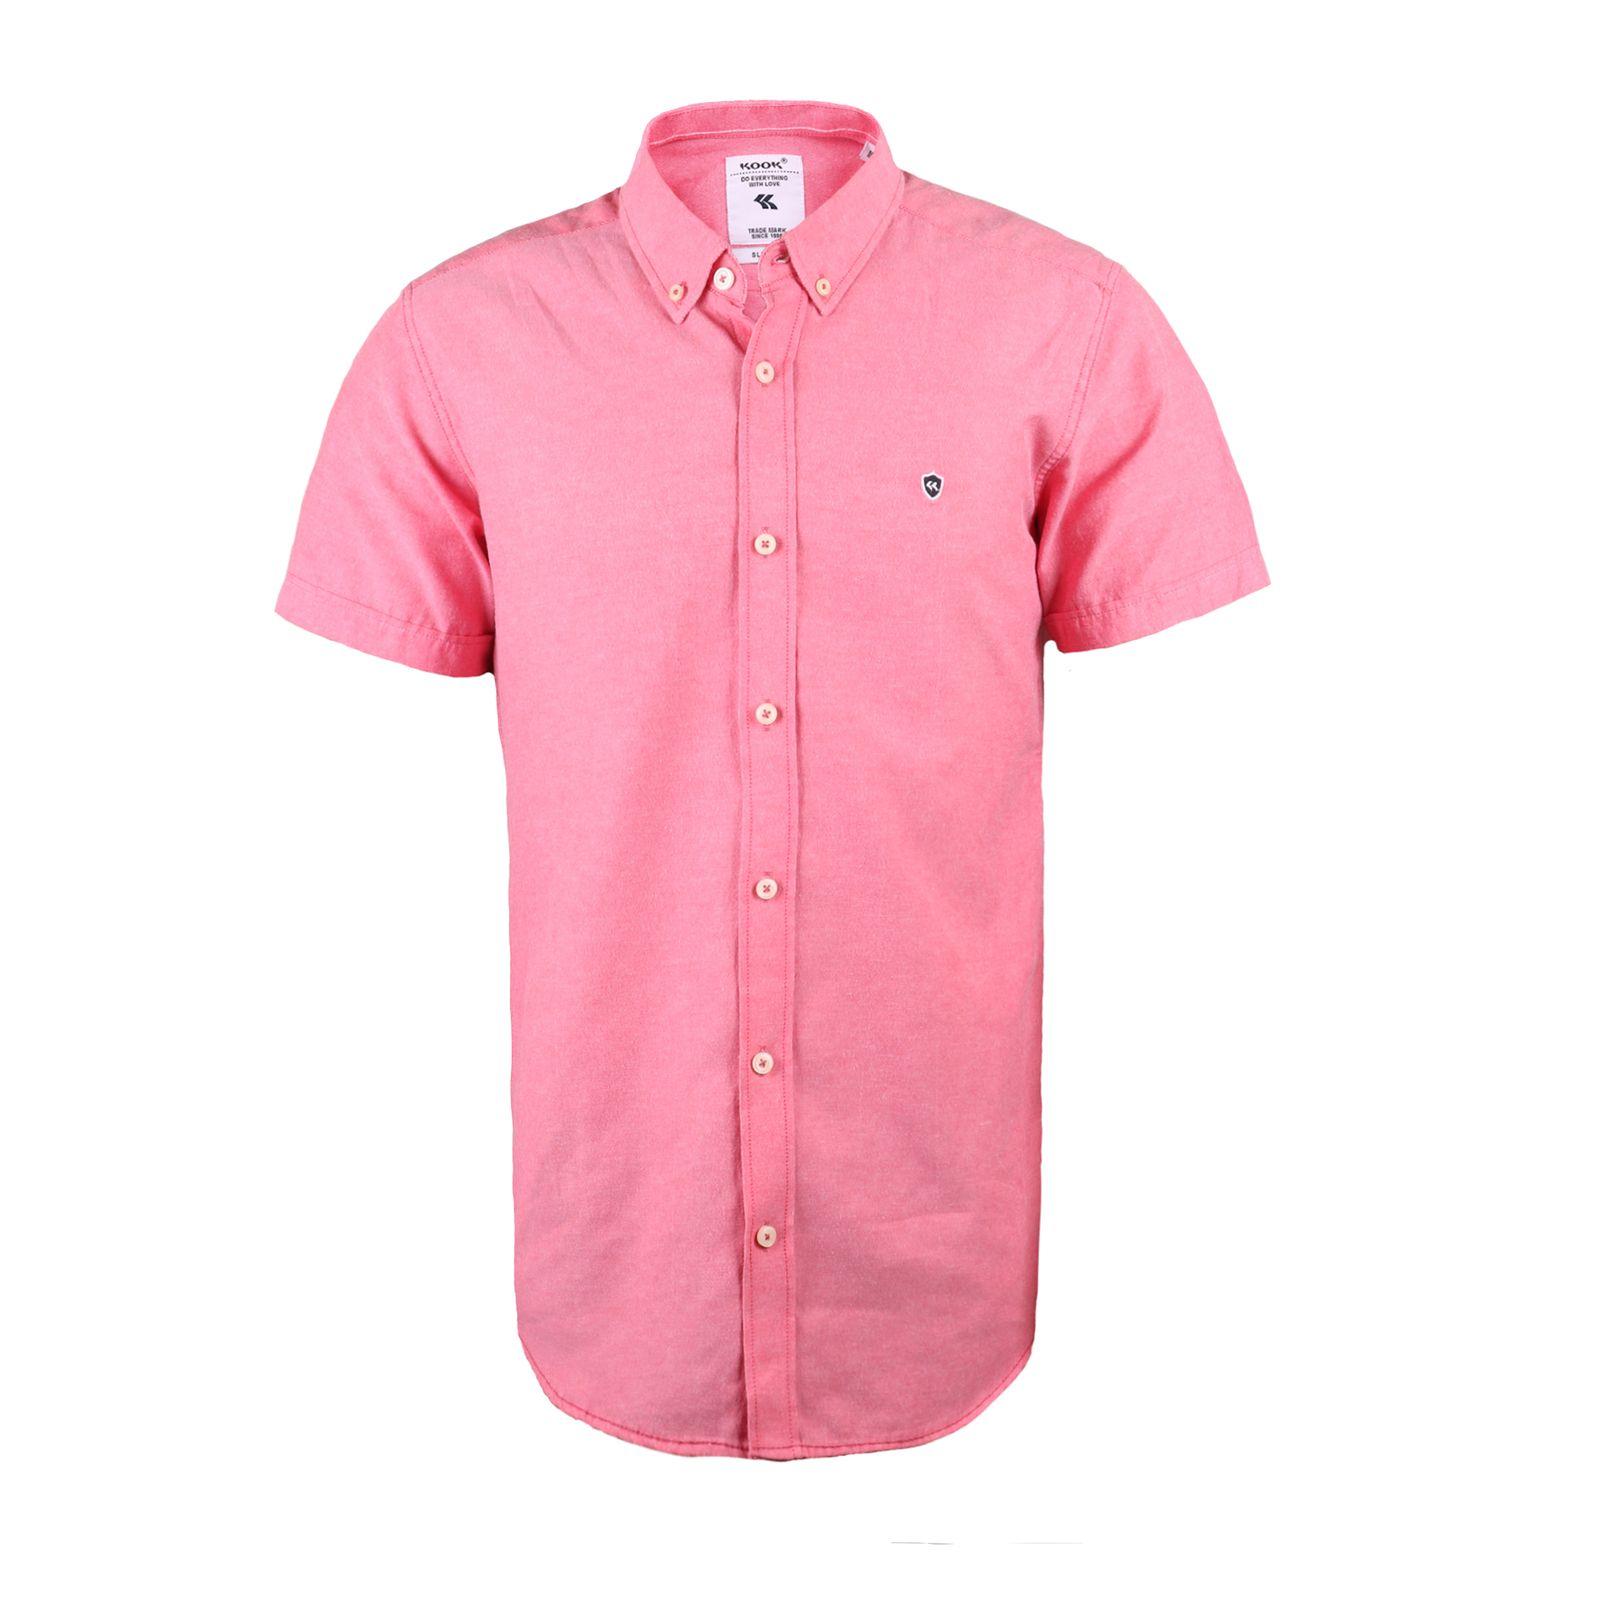 پیراهن مردانه کوک تریکو مدل 61726 -  - 2